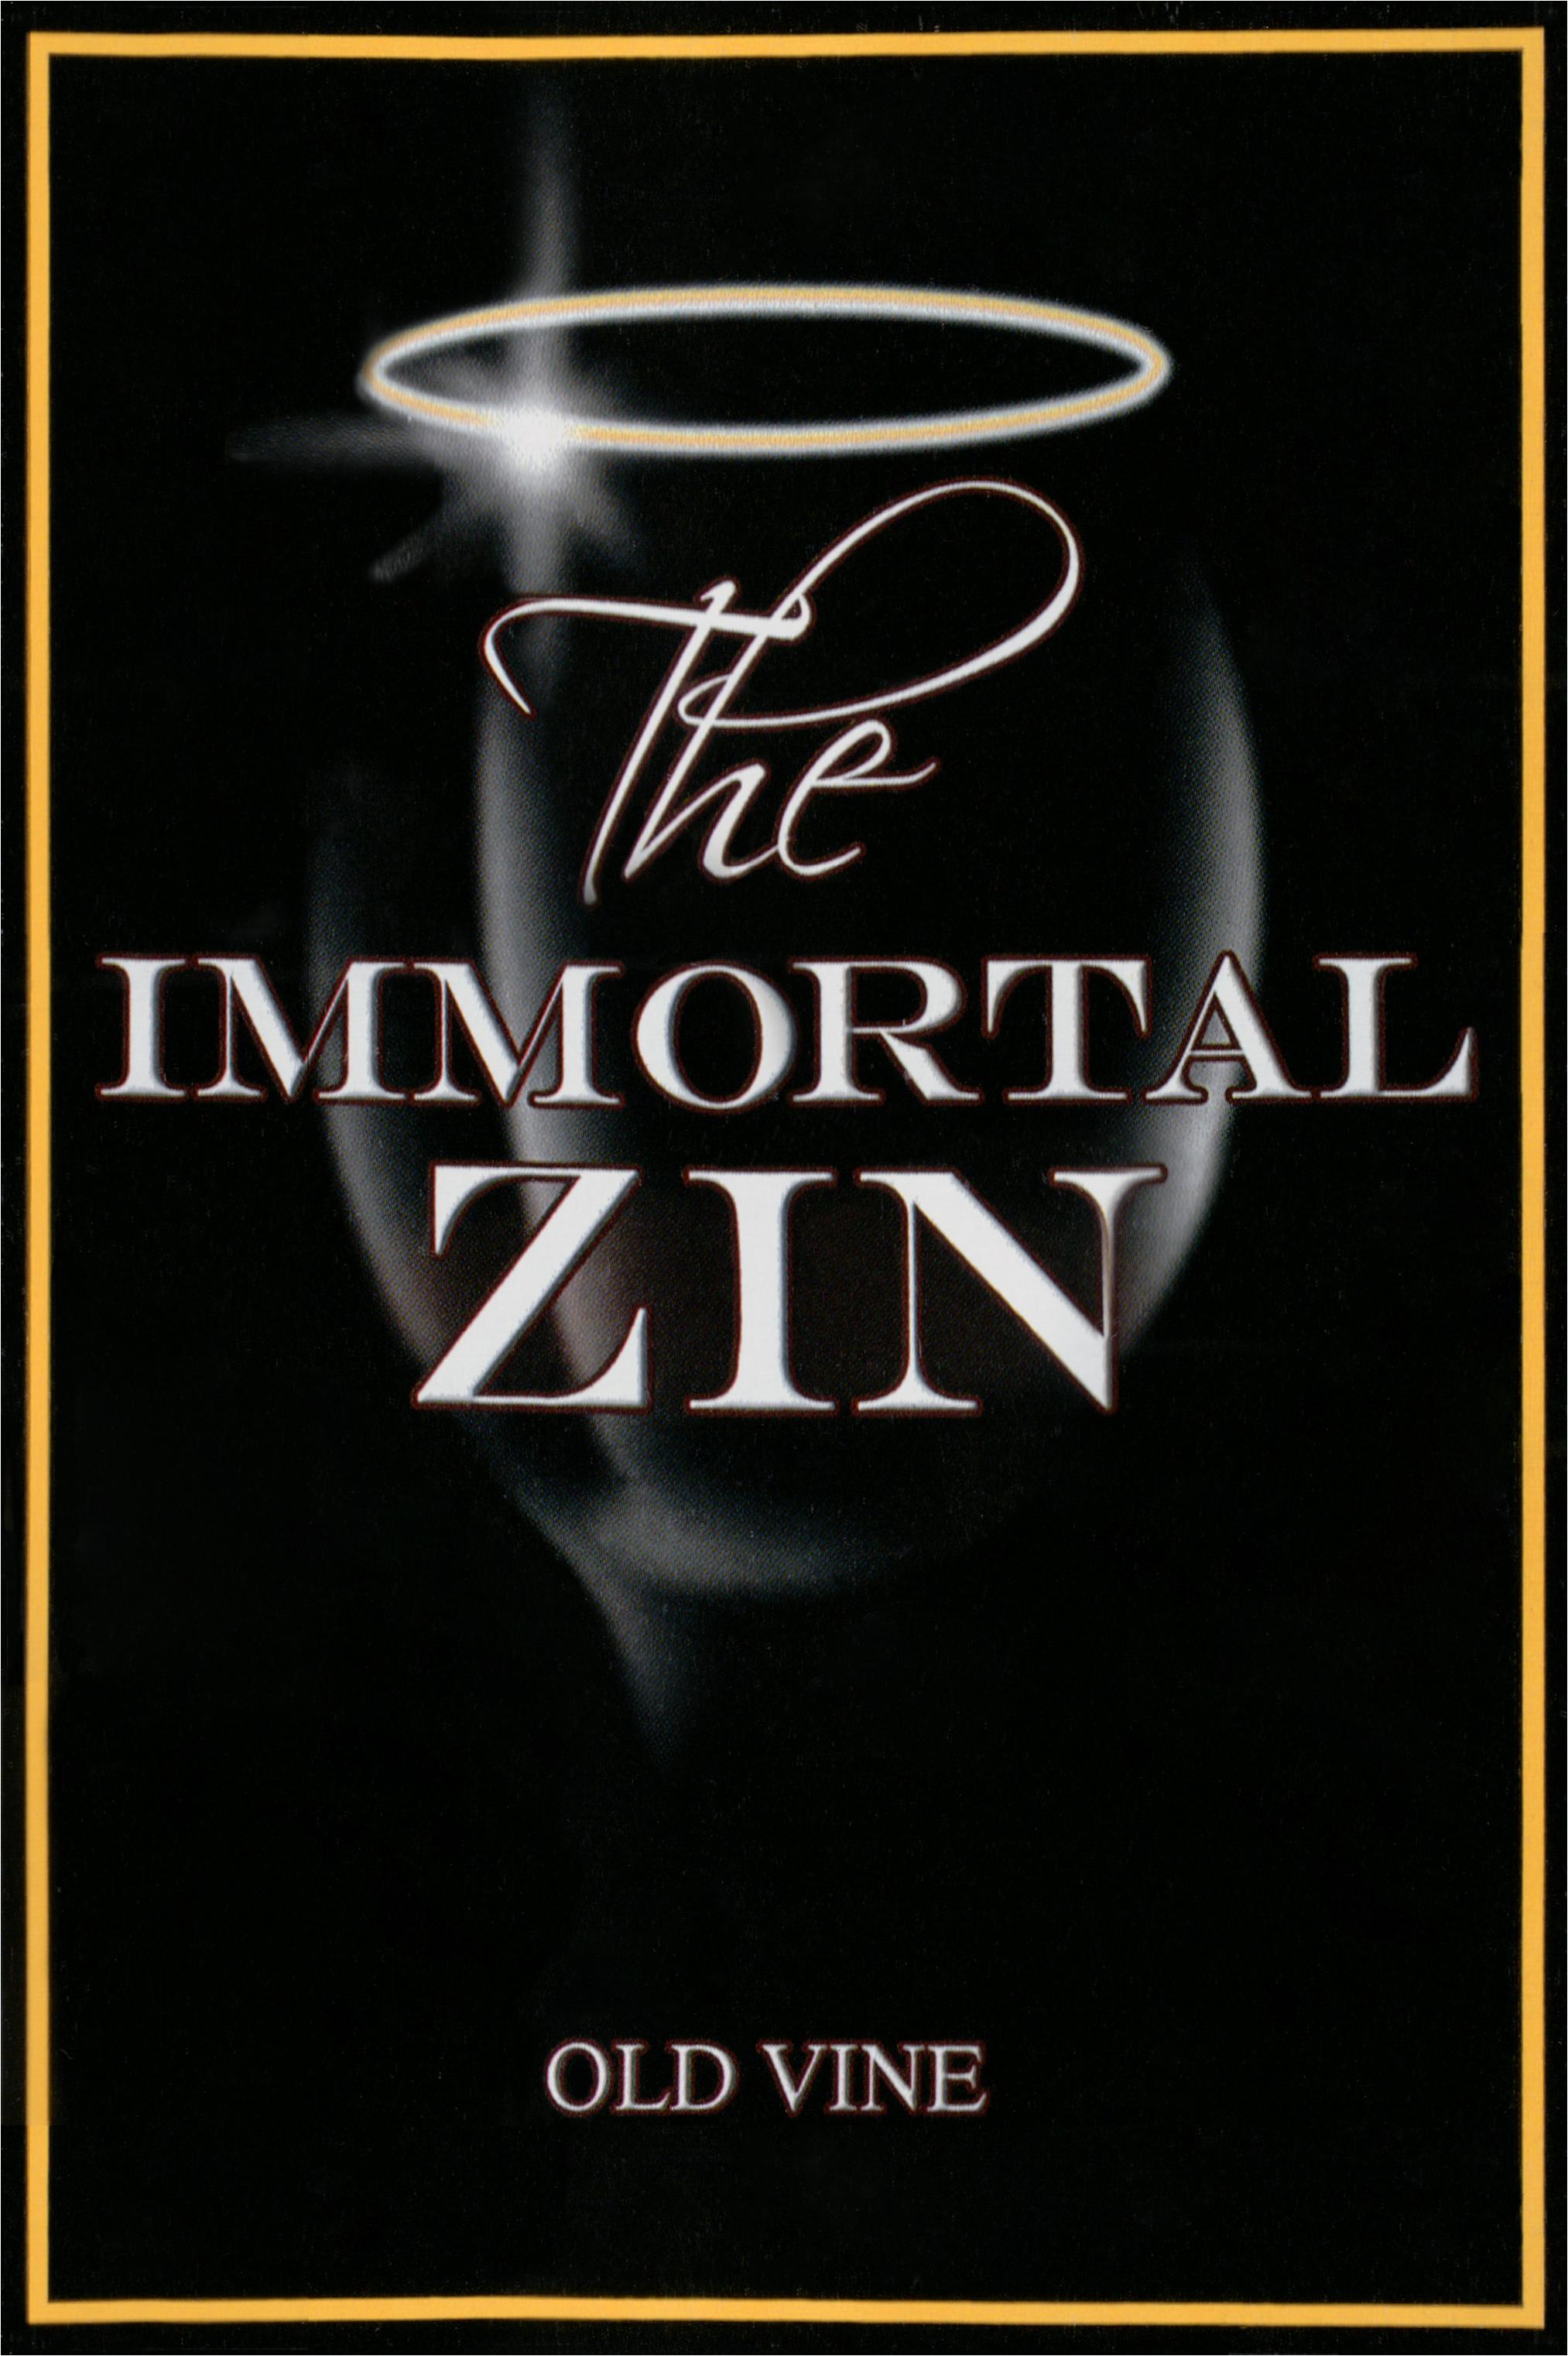 Peirano Immortal Zinfandel 2015